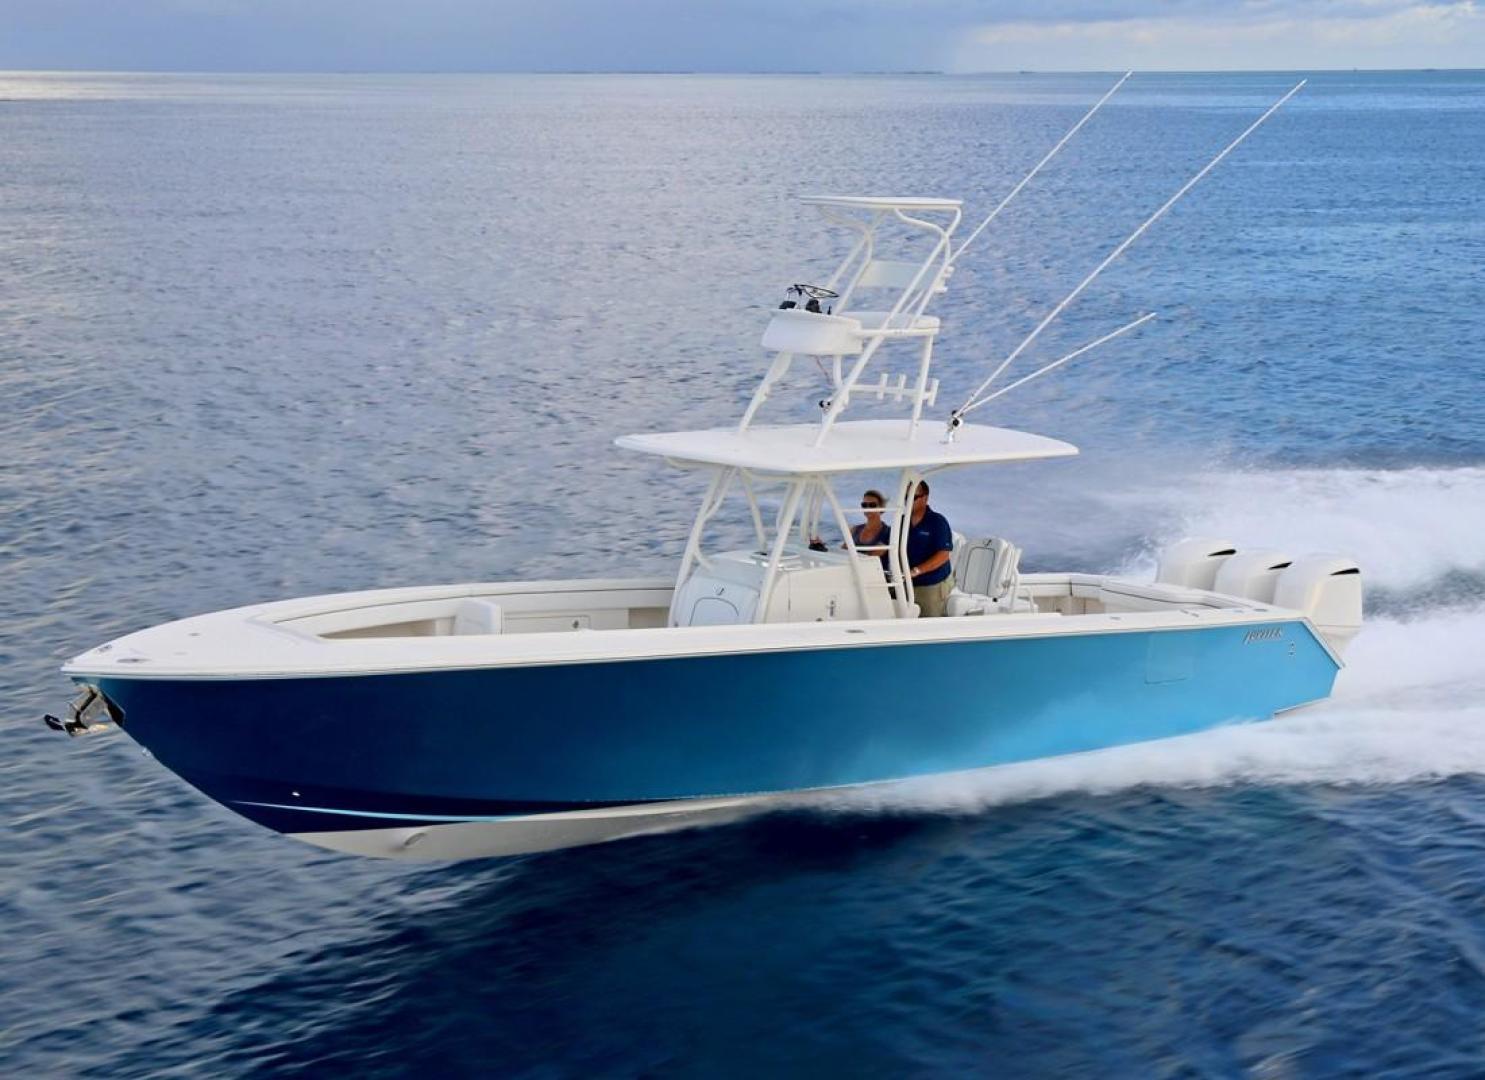 Used Jupiter Boat Jupiter Boats For Sale 1 As Of Wednesday